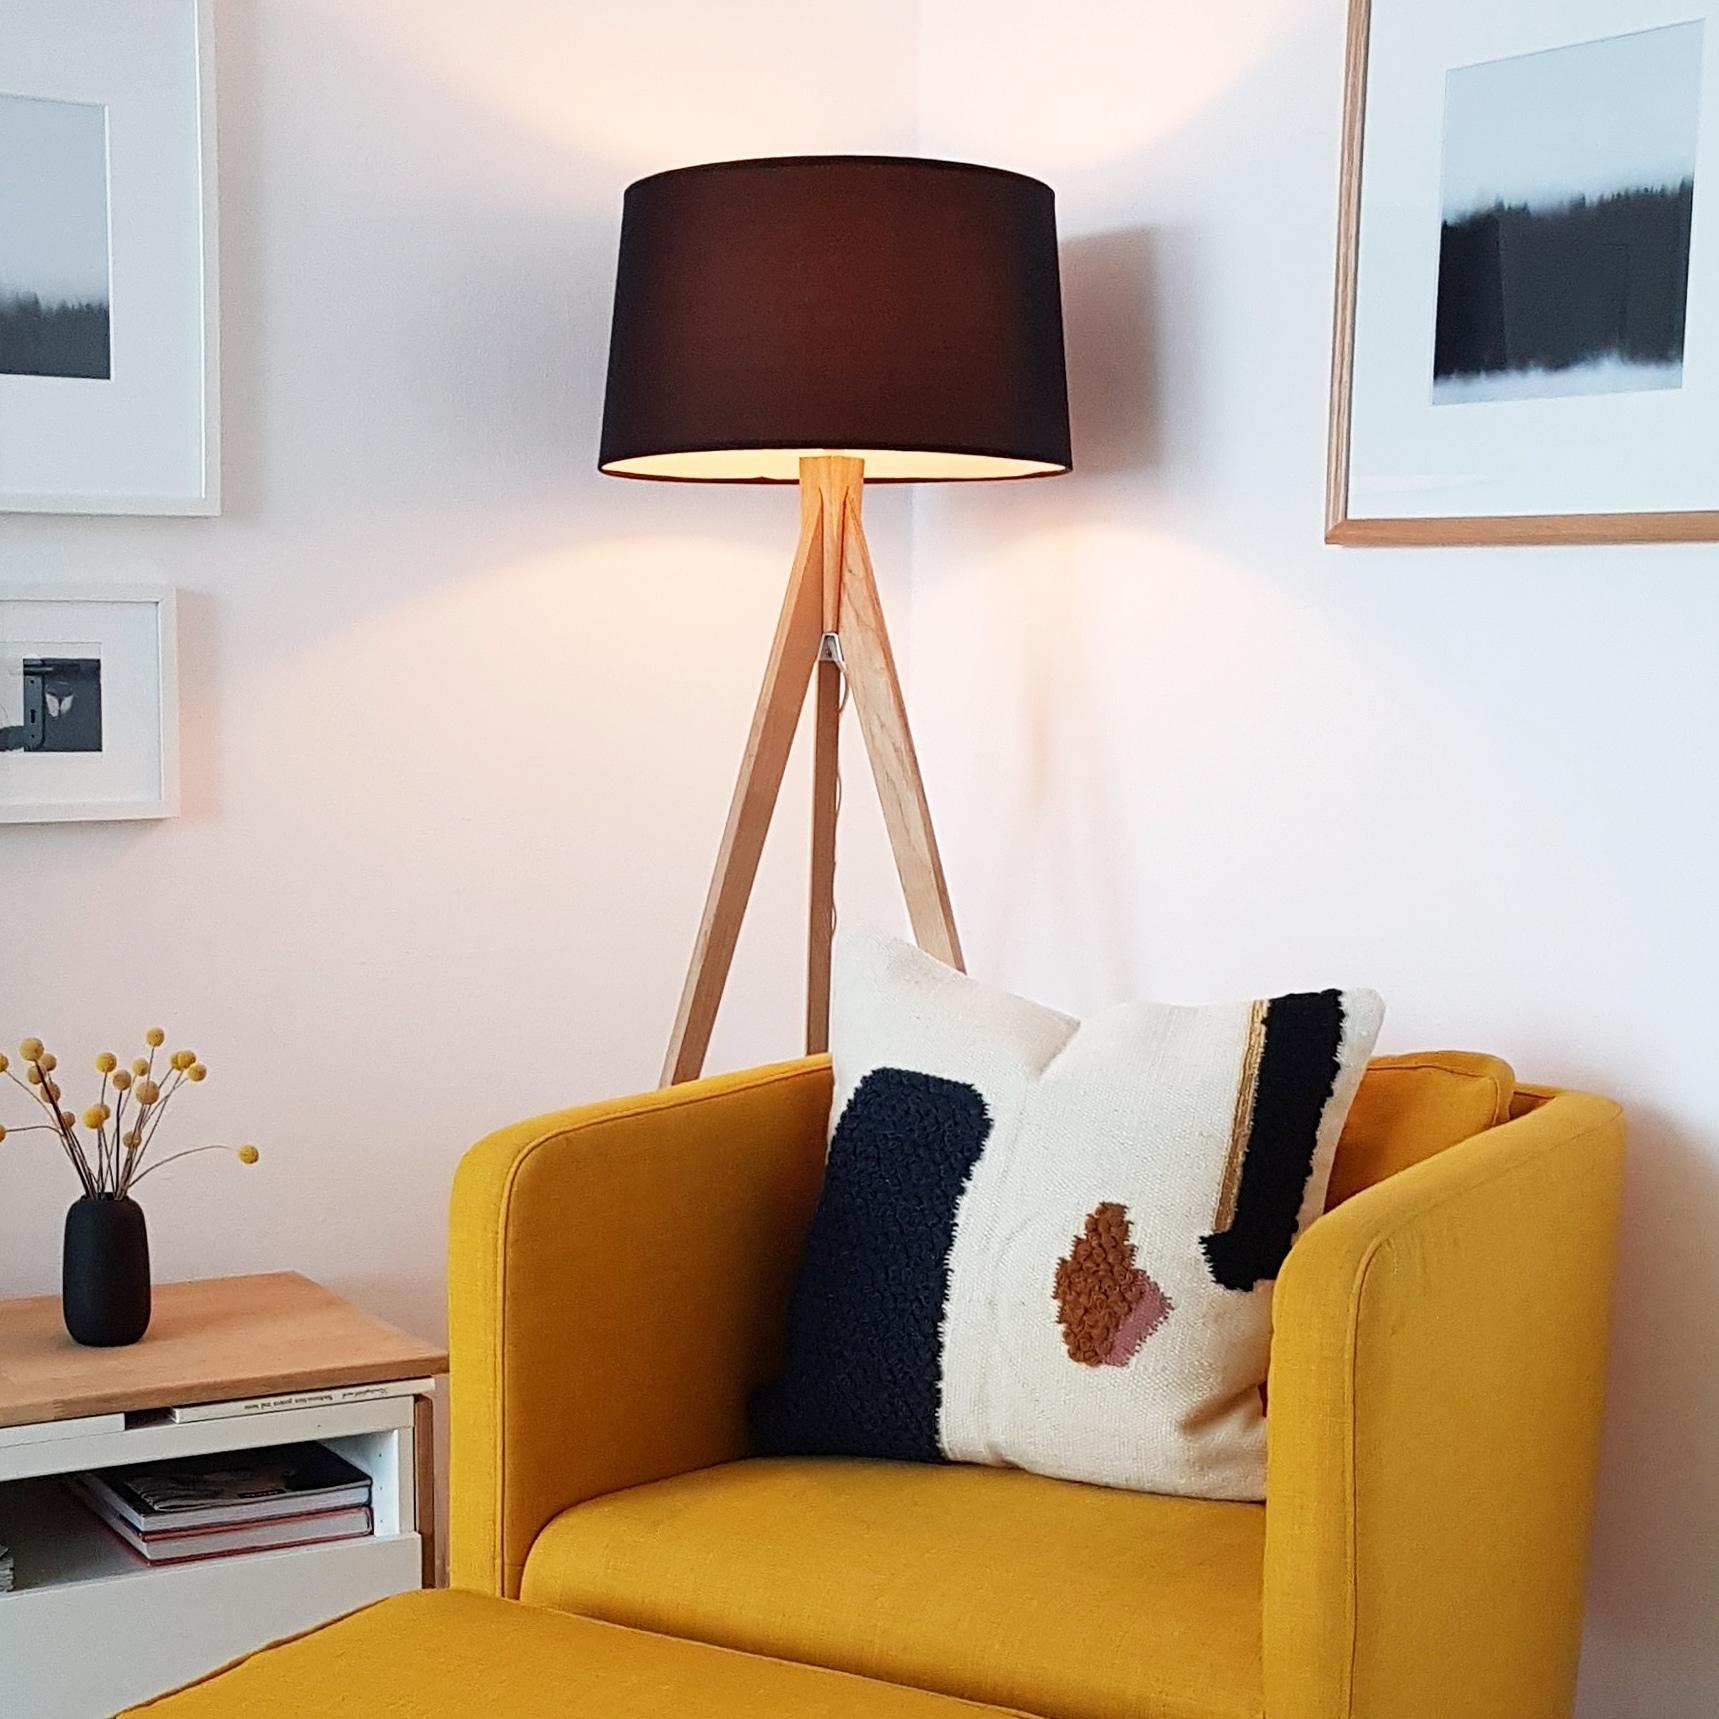 Wohnzimmer Stehlampen | Stehlampe So Ruckst Du Dein Zuhause Ins Perfekte Licht